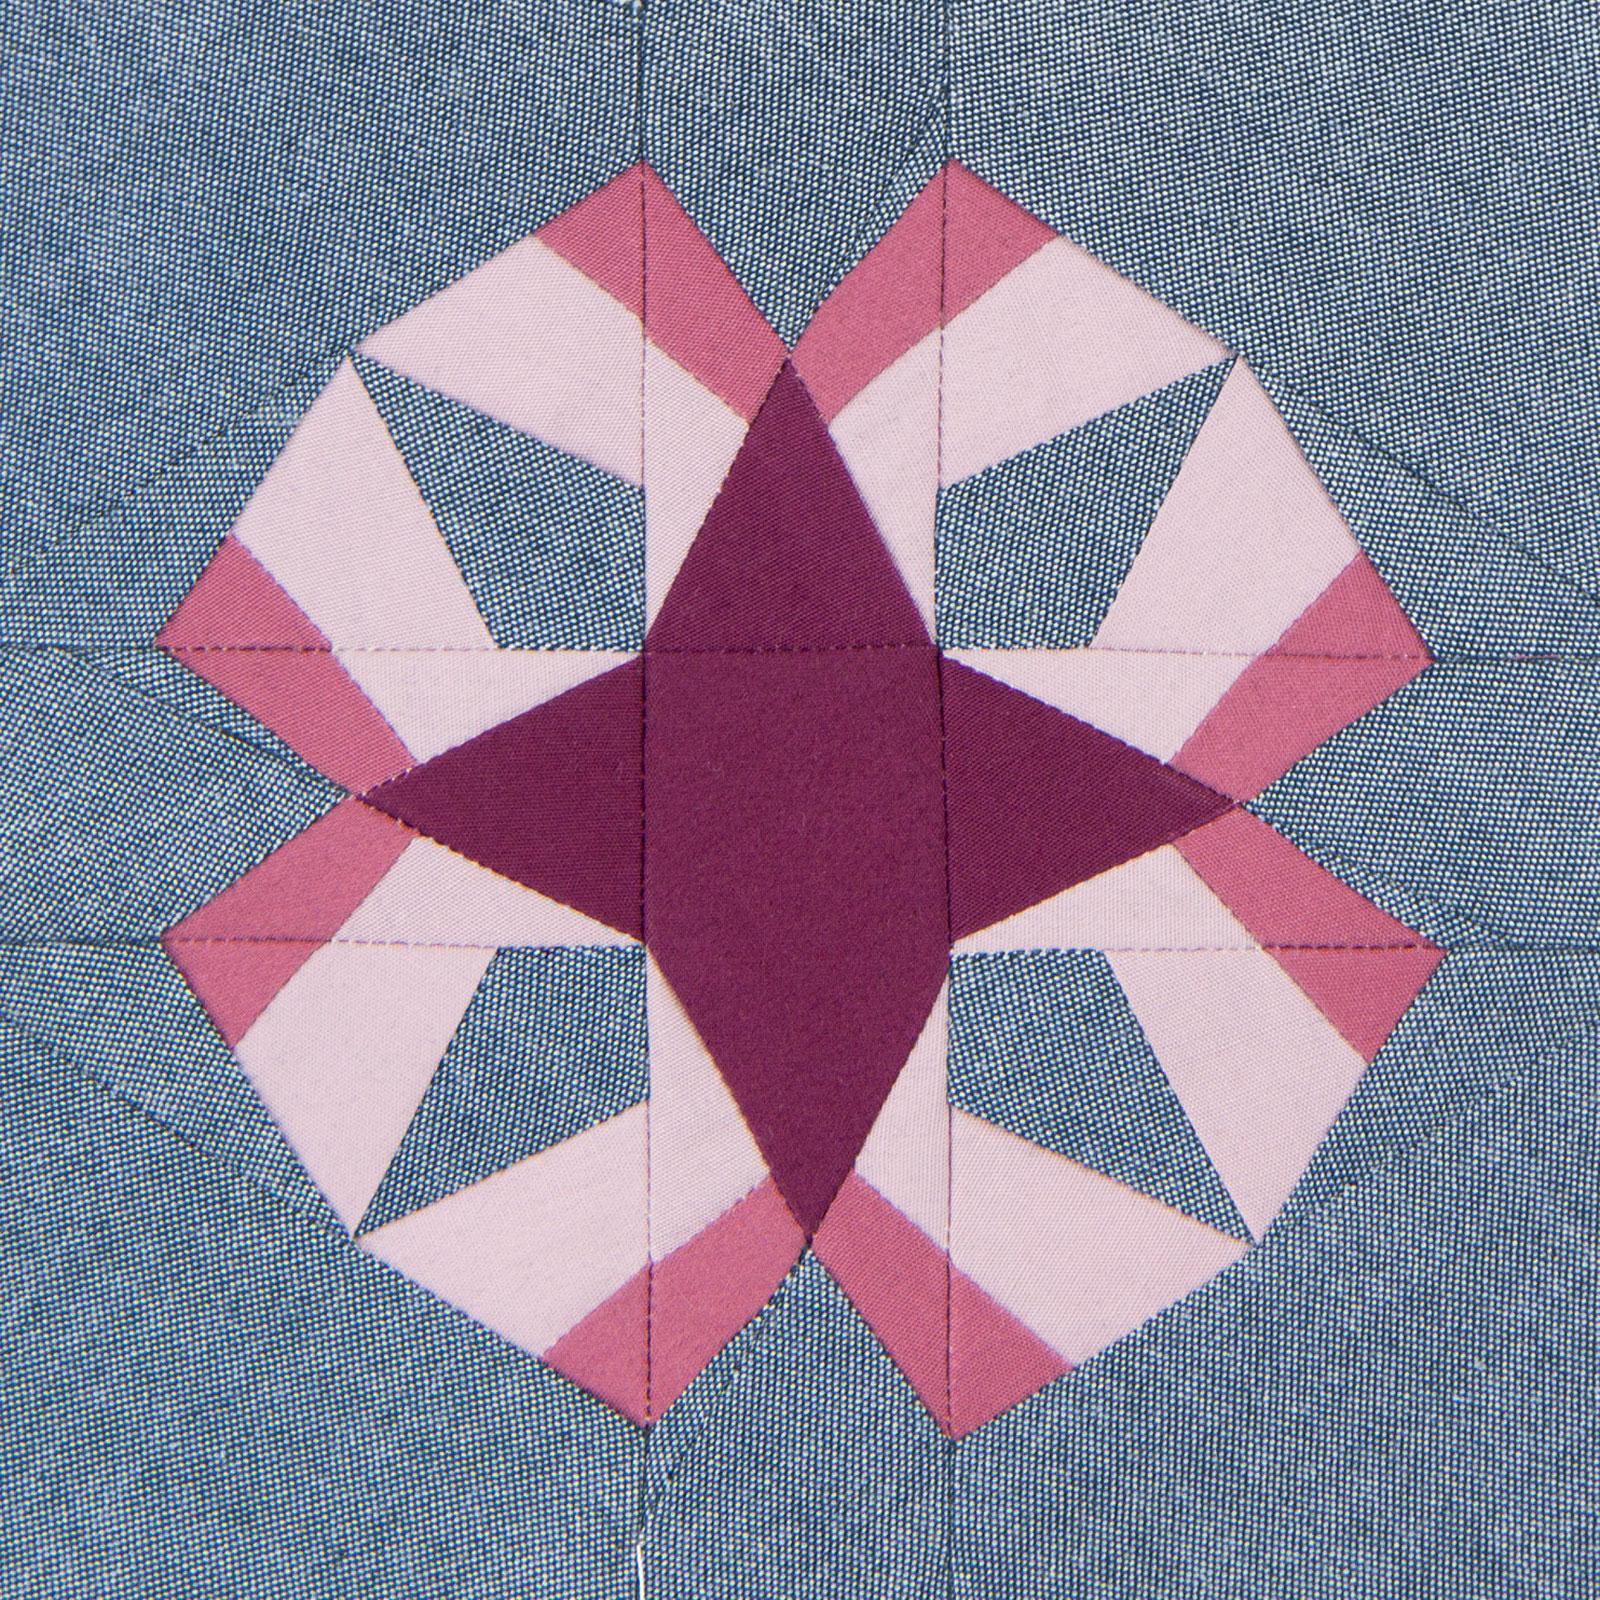 Lodestars quilt block #35: Maggie W